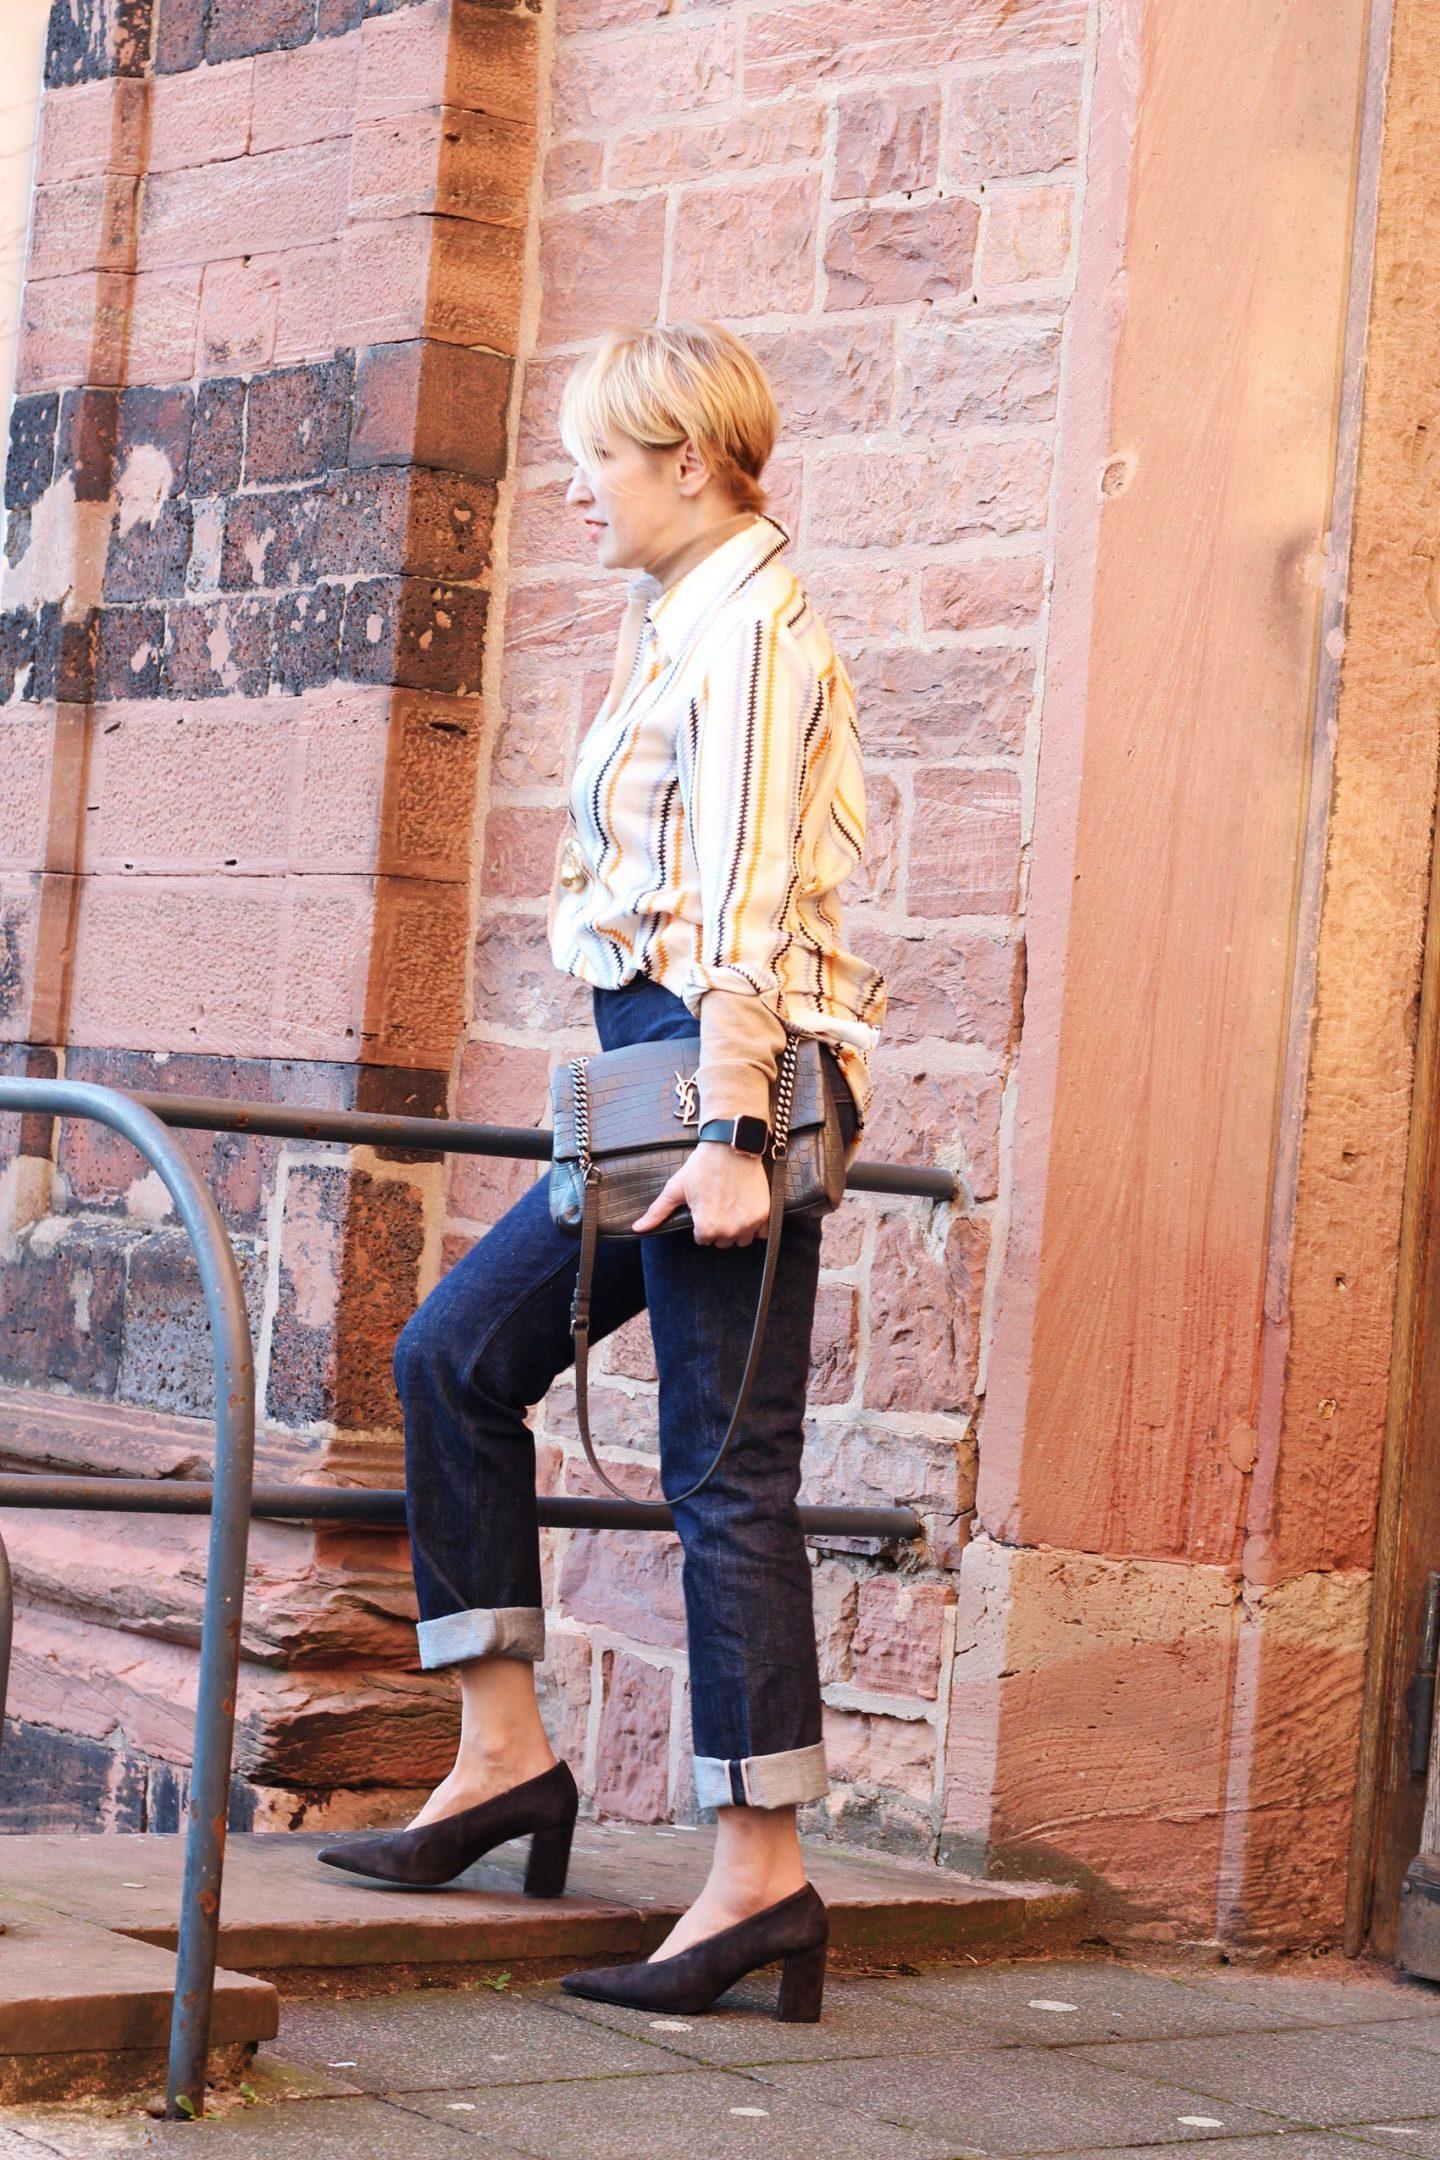 glamupyourlifestyle seidenbluse Victoria-Beckham Ü-40-blog ue-40-blog ü-50-blog ue-50-blog